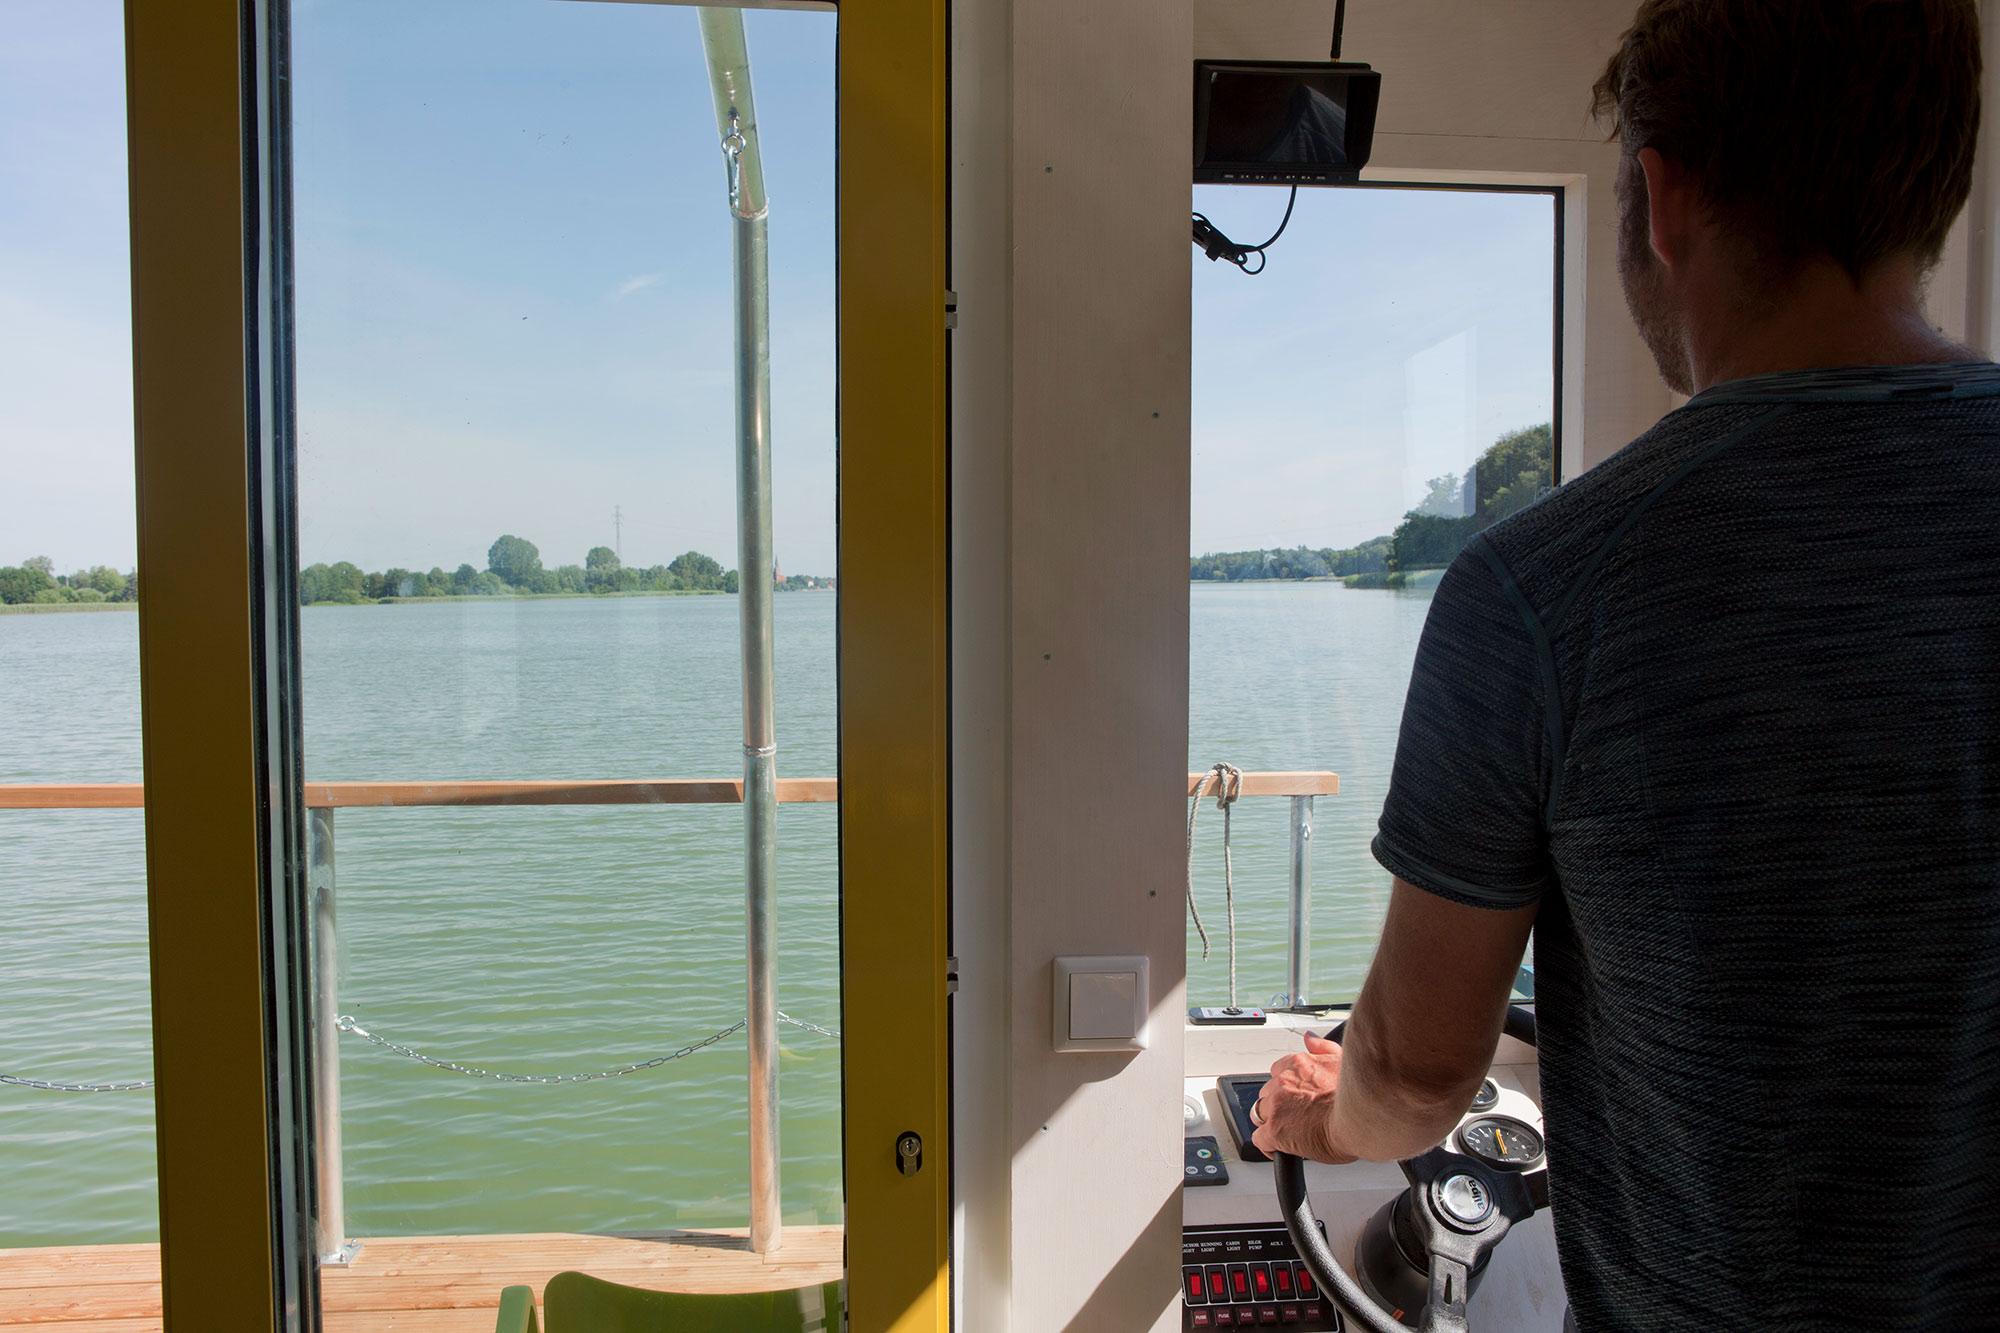 zuHausboot - Bernd das Hausboot im Revier Ruppiner Seen.